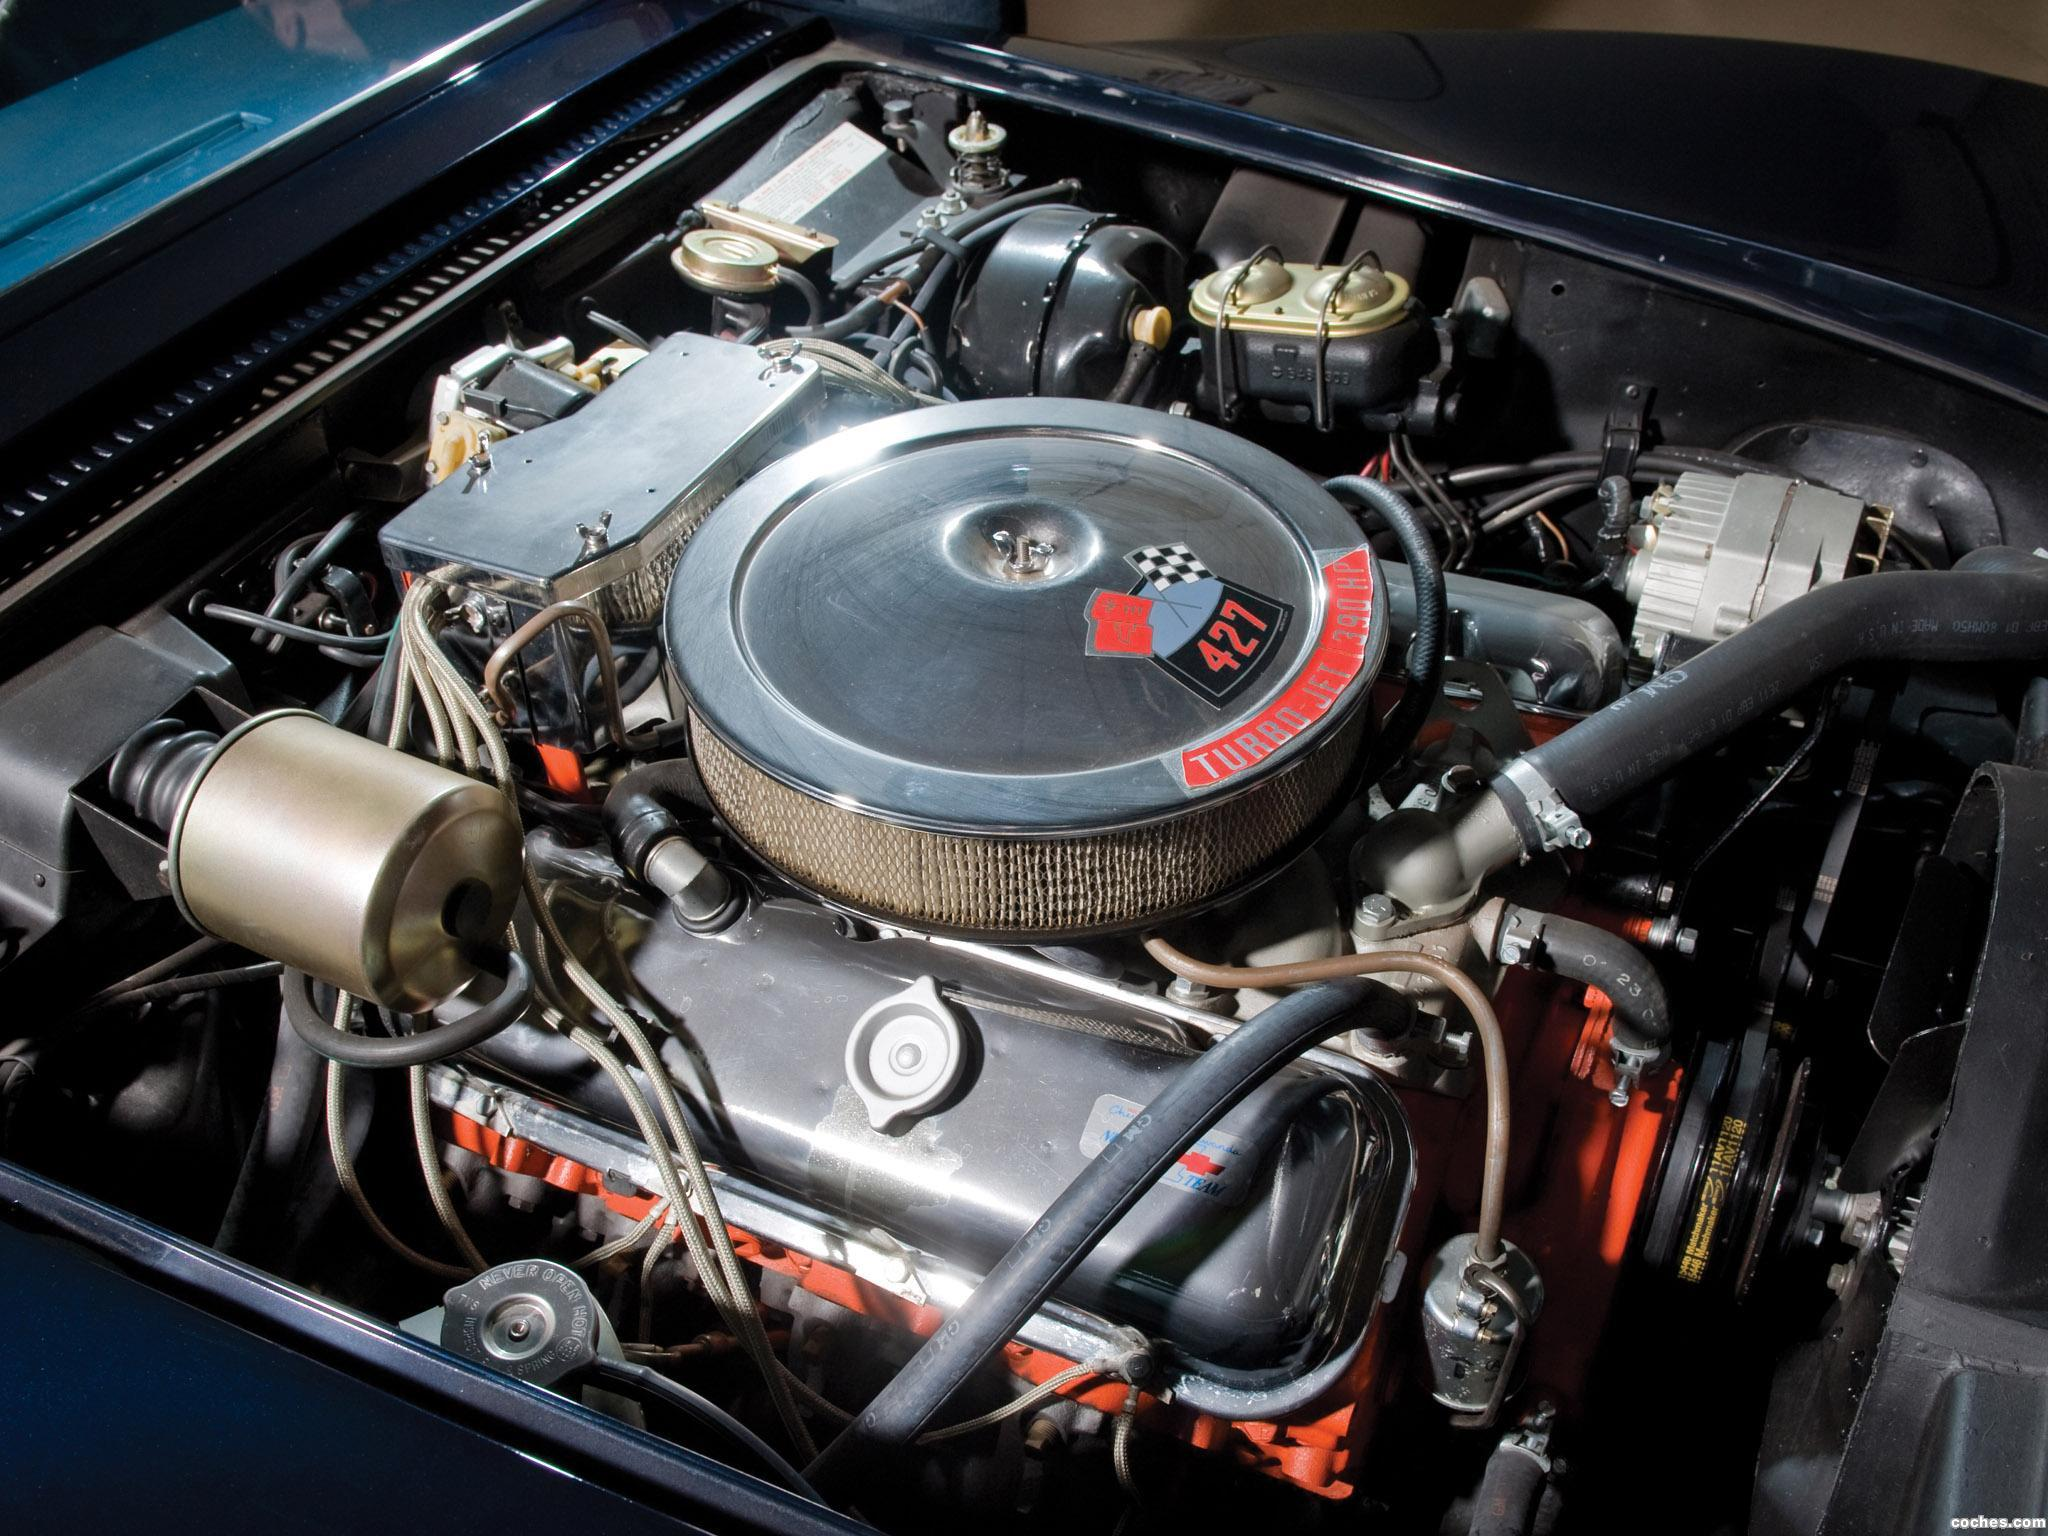 Foto 2 de Chevrolet Corvette C3 Stingray L36 427 Coupe 1969